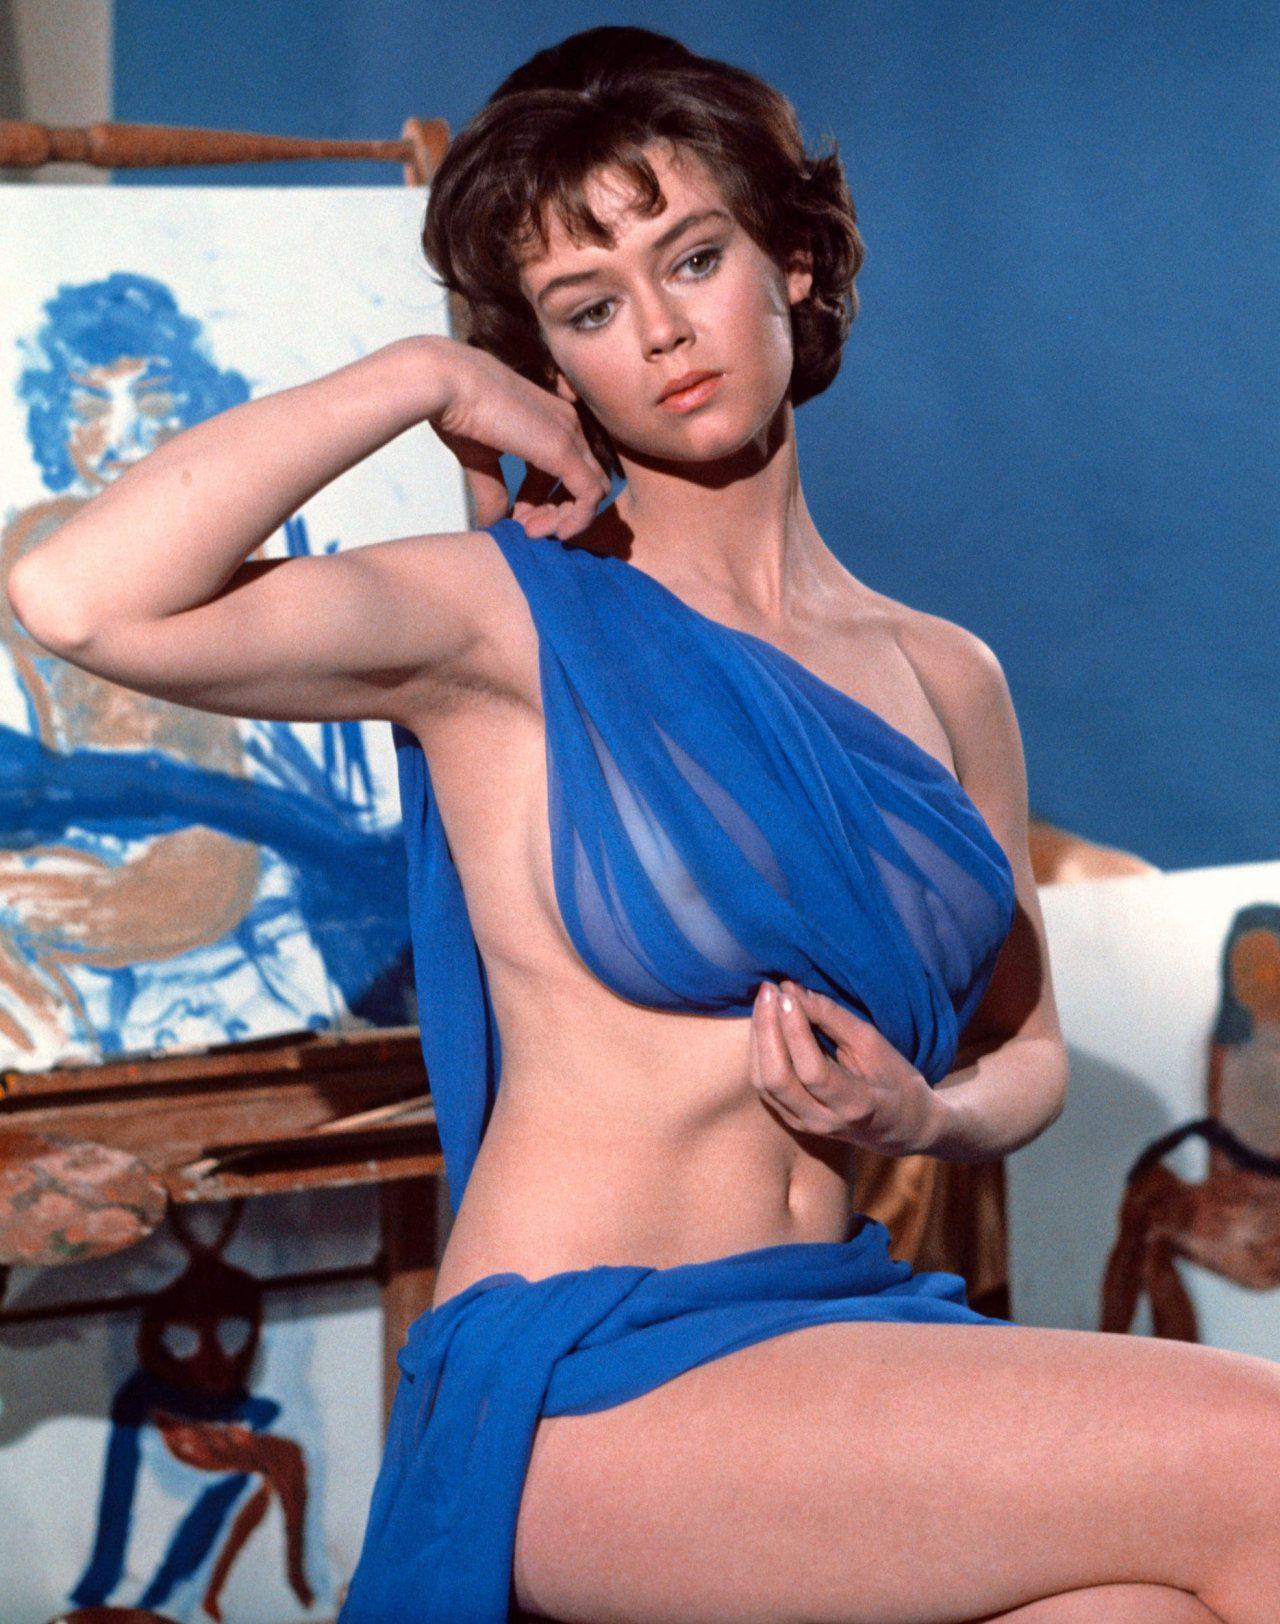 Wanda Ventham Nude | Hot Girl HD Wallpaper